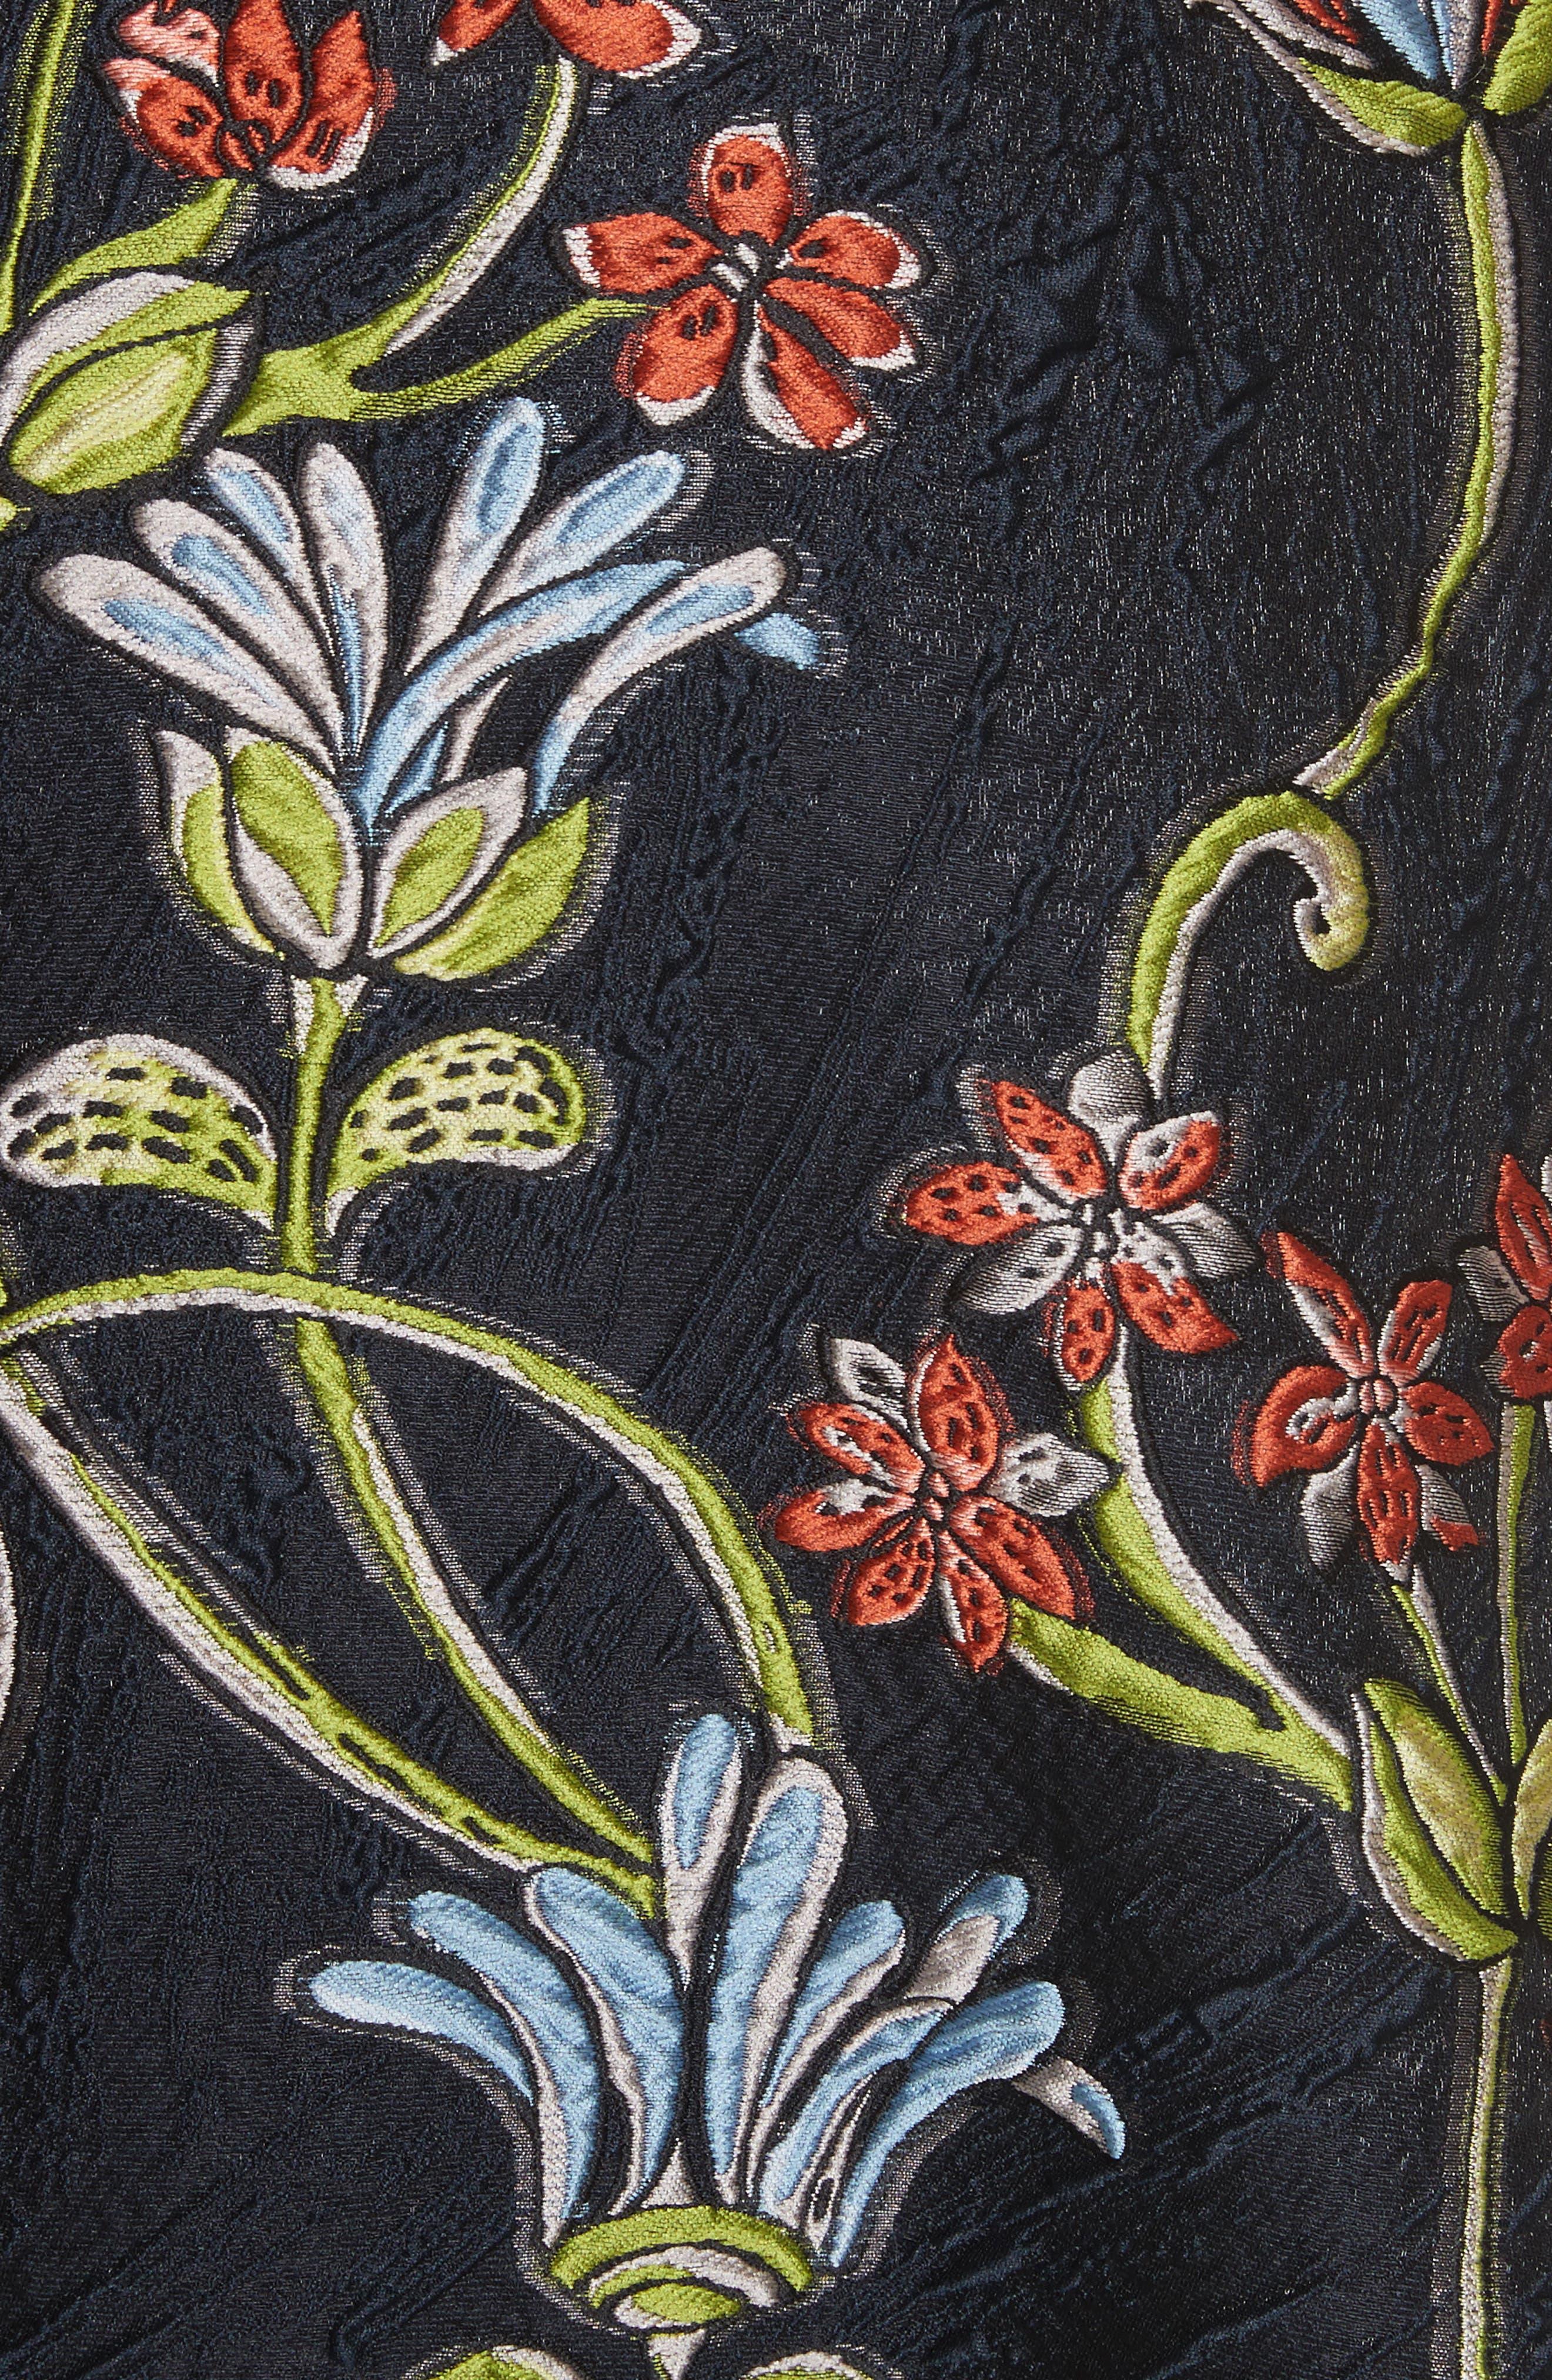 Floral Matelassé A-Line Dress,                             Alternate thumbnail 6, color,                             Navy Multi